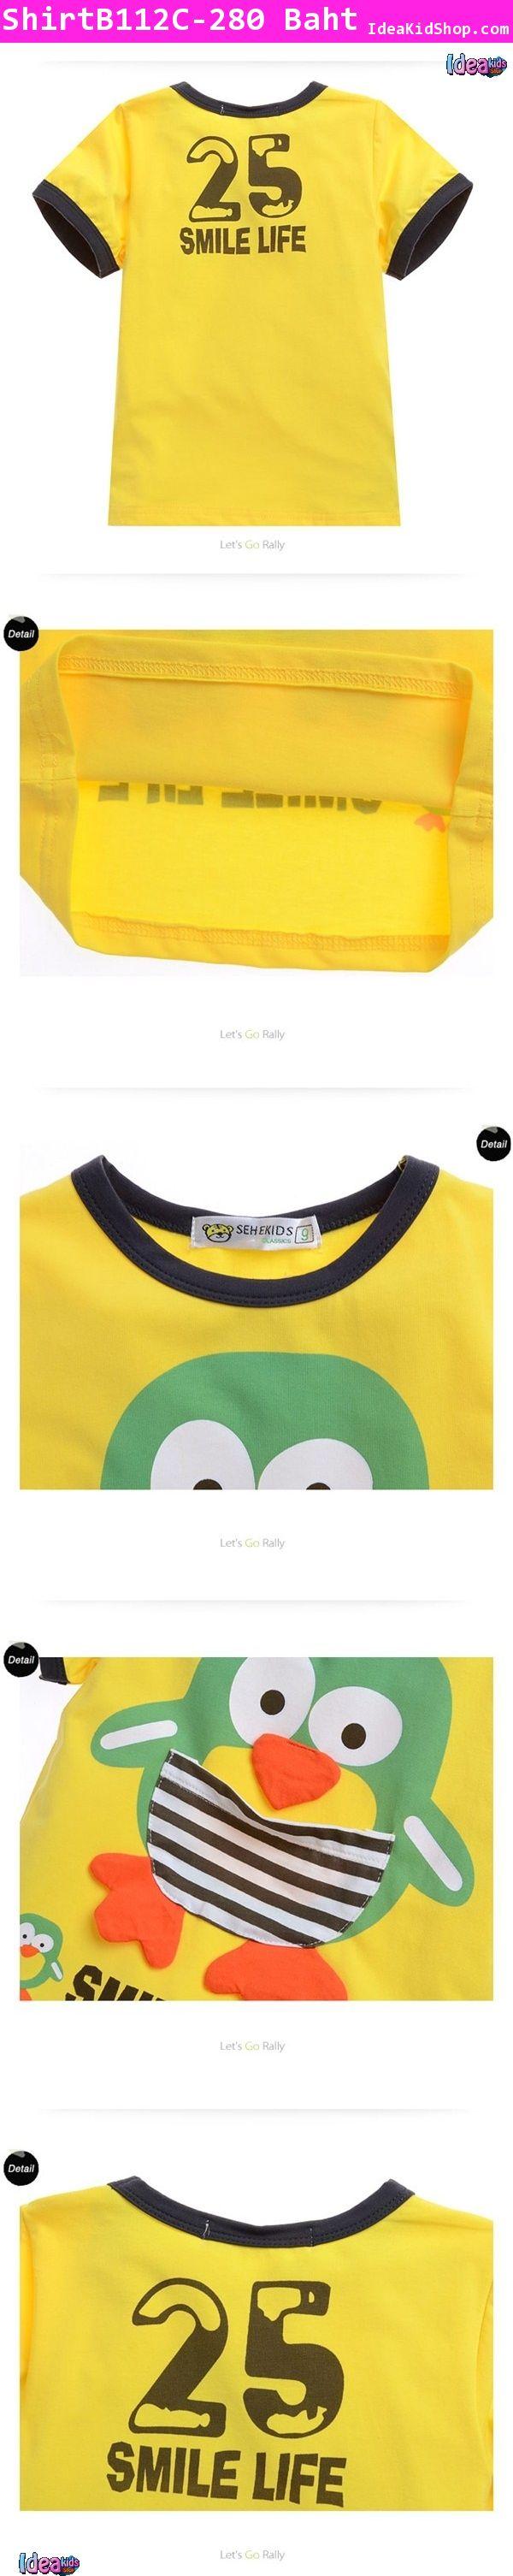 เสื้อยืดแขนสั้น นกน้อยกระเป๋าวิเศษ สีเหลือง